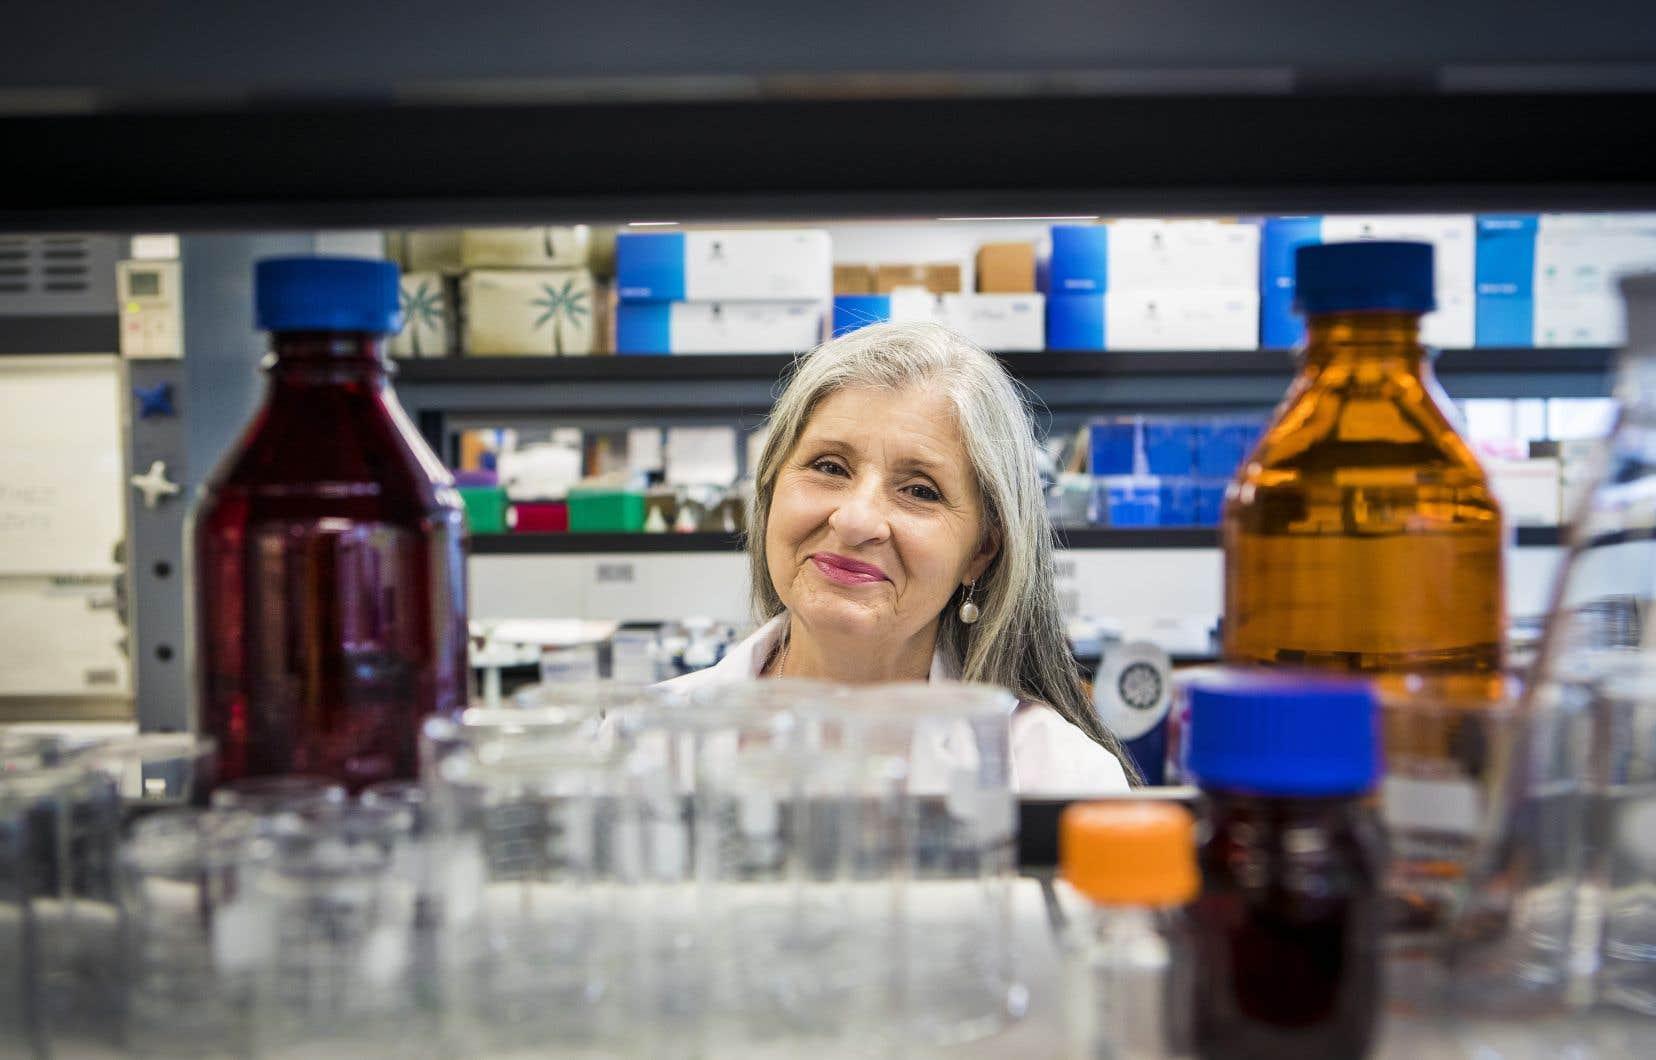 Christiane Ayotte, qui a fait l'objet d'une biographie publiée la semaine dernière, est à la tête du seul laboratoire accrédité par l'Agence mondiale antidopage au Canada.